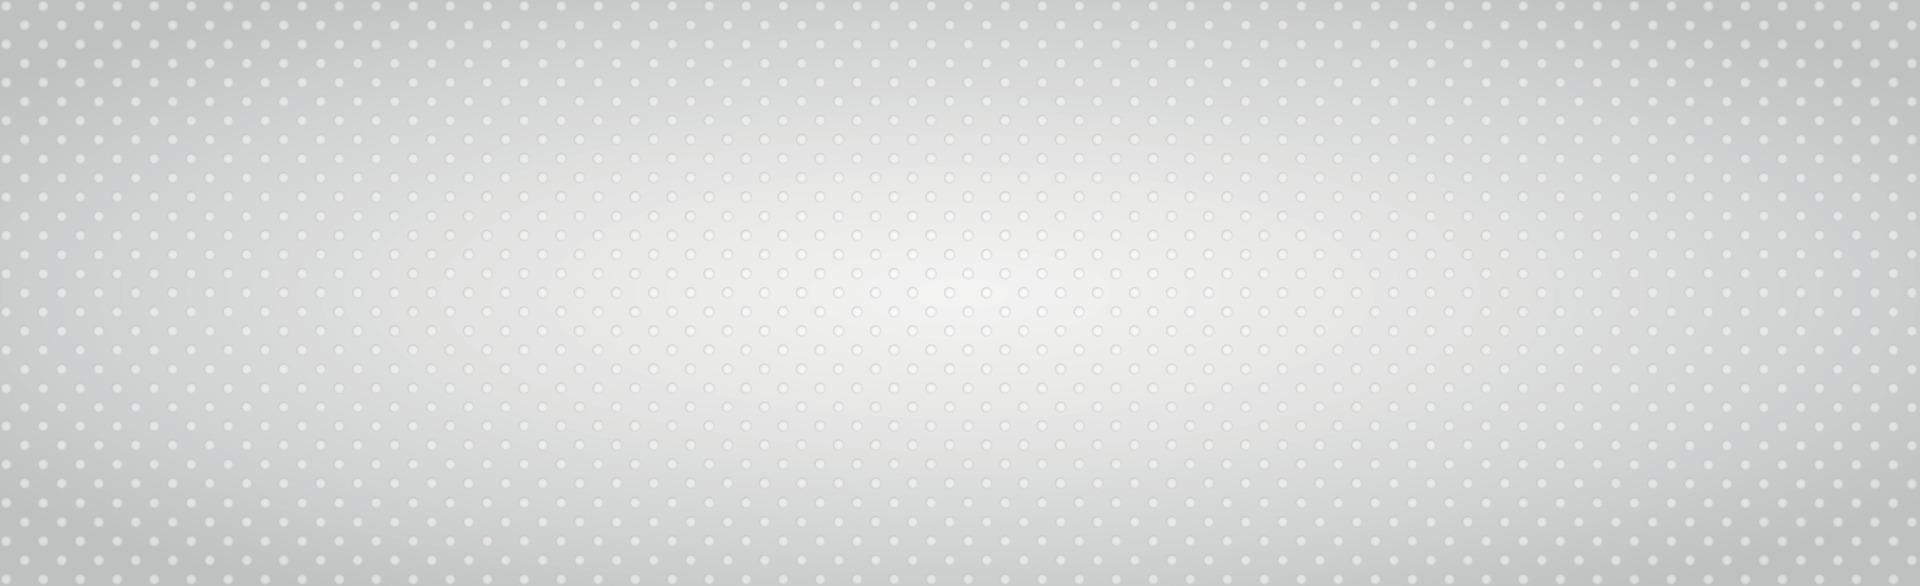 astratto sfondo bianco costituito da cerchi grigi - vettore